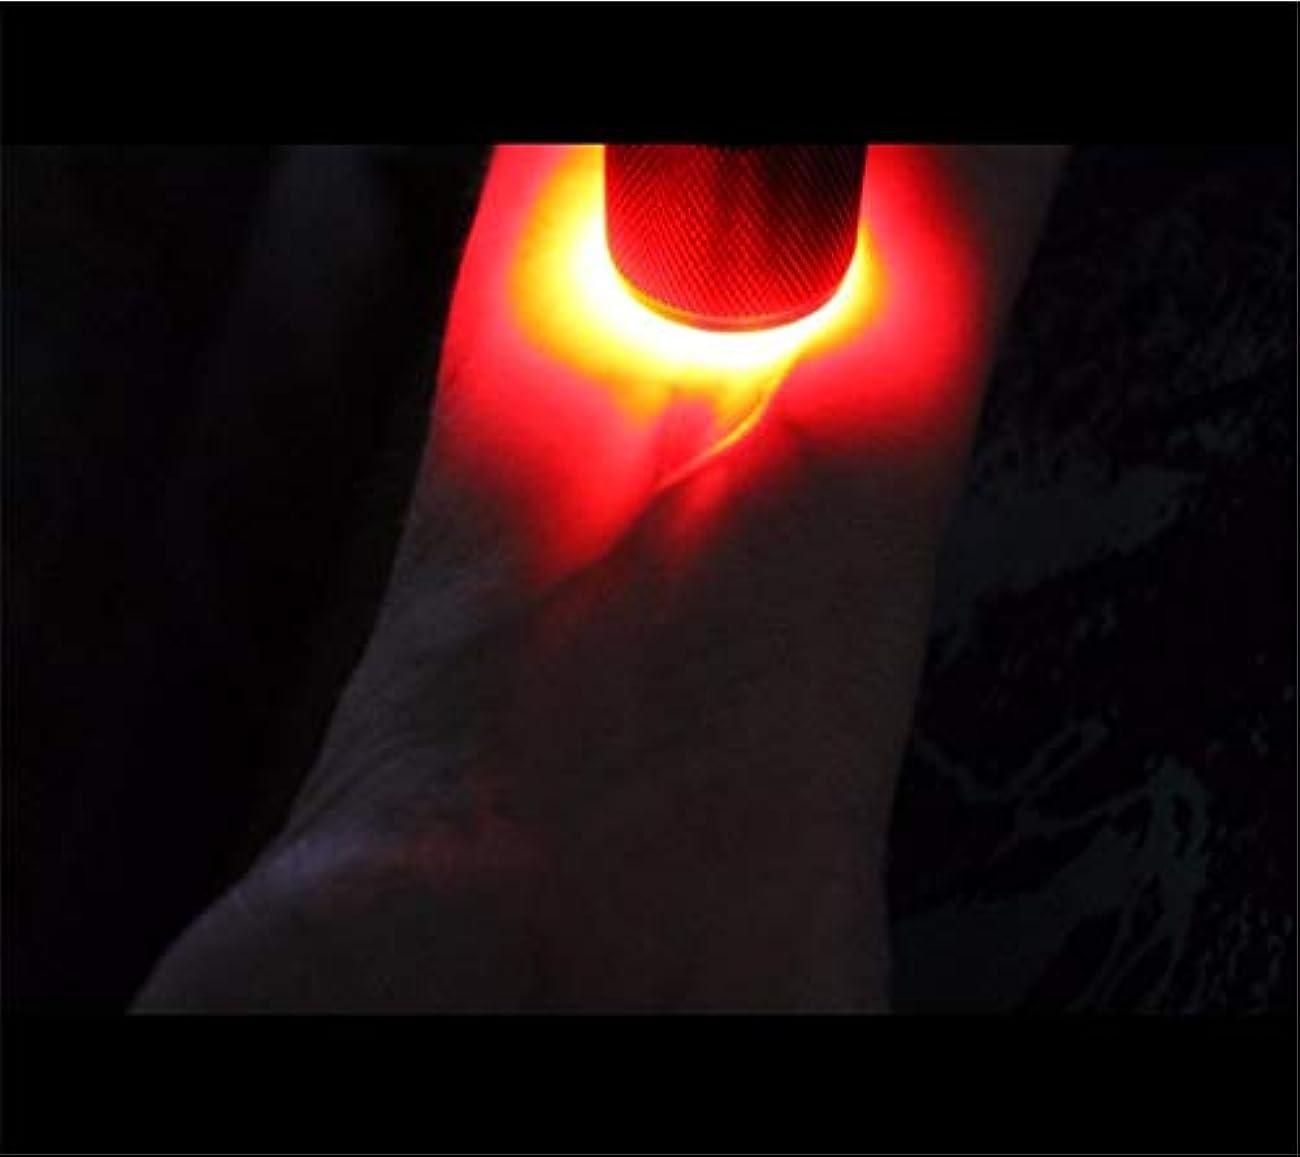 誕生トマトフェローシップ静脈イメージング懐中電灯血管ディスプレイ懐中電灯手穿刺による血管ライトの確認皮下静脈デバイスの発見が容易